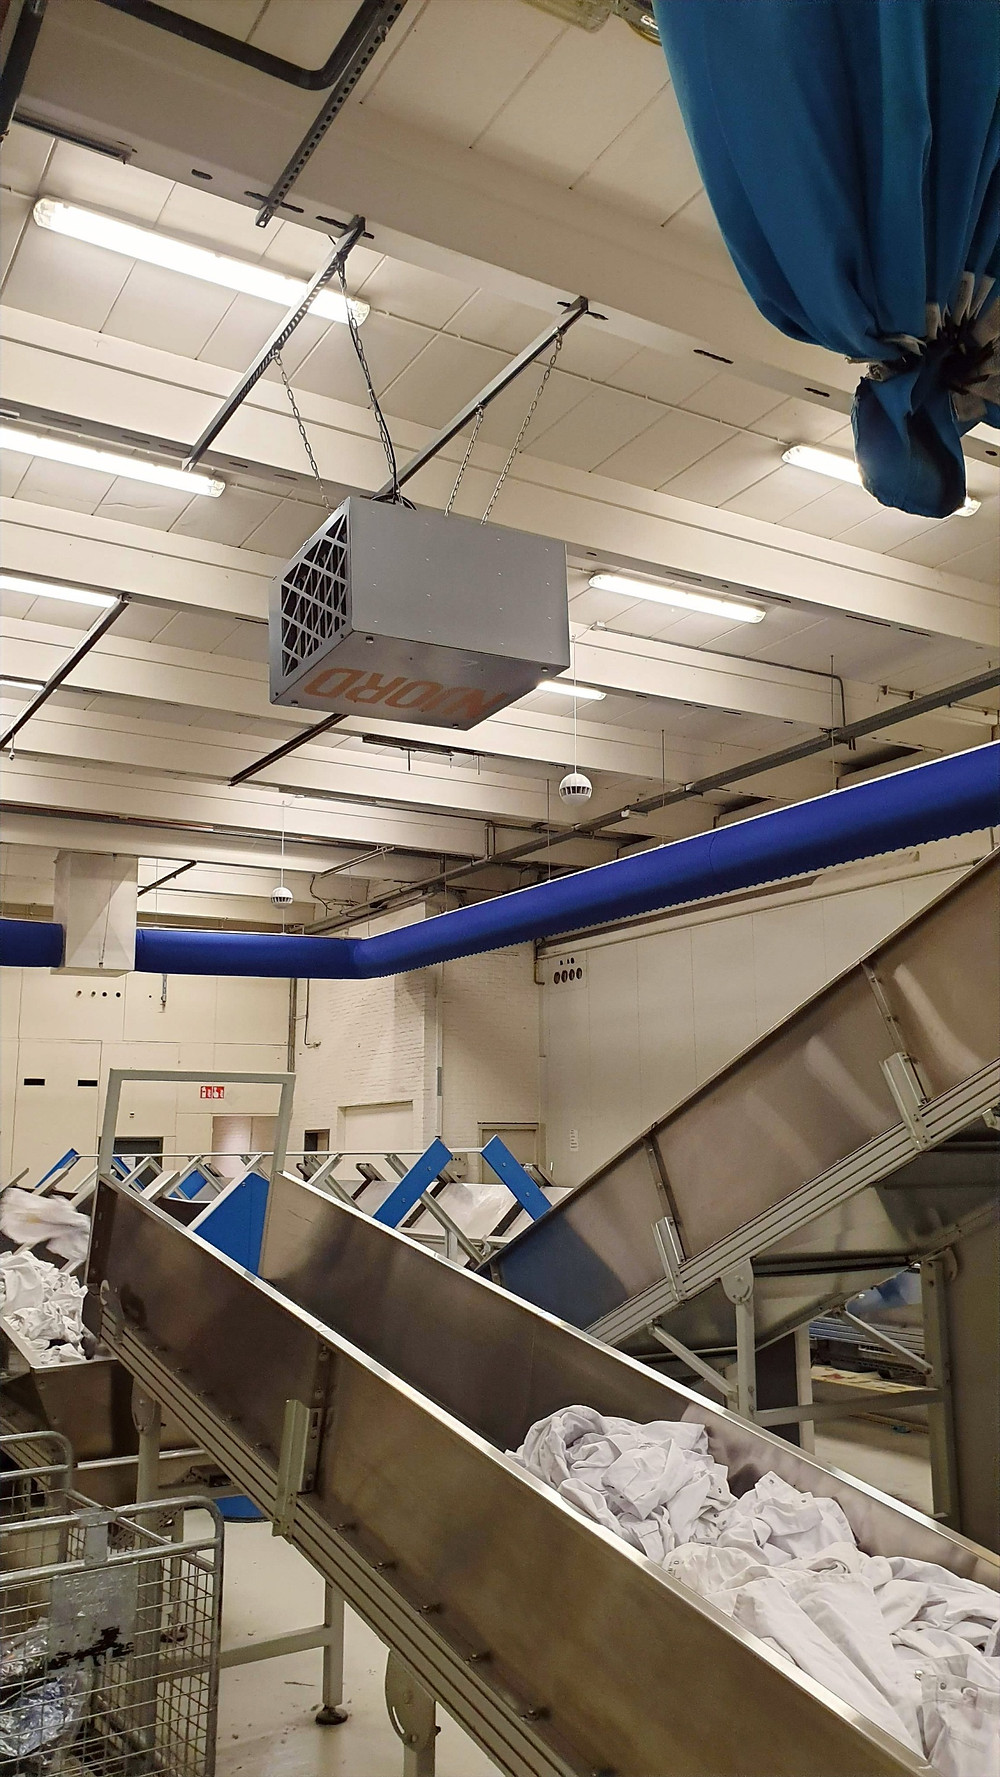 NJORD luchtfilterapparaten zijn voorzien van NJORDs best gecertifeerde filters welke maar liefst 90% van het fijnstof ter grootte van 1,0 micrometer (0,001mm) uit de omgevingslucht filteren.